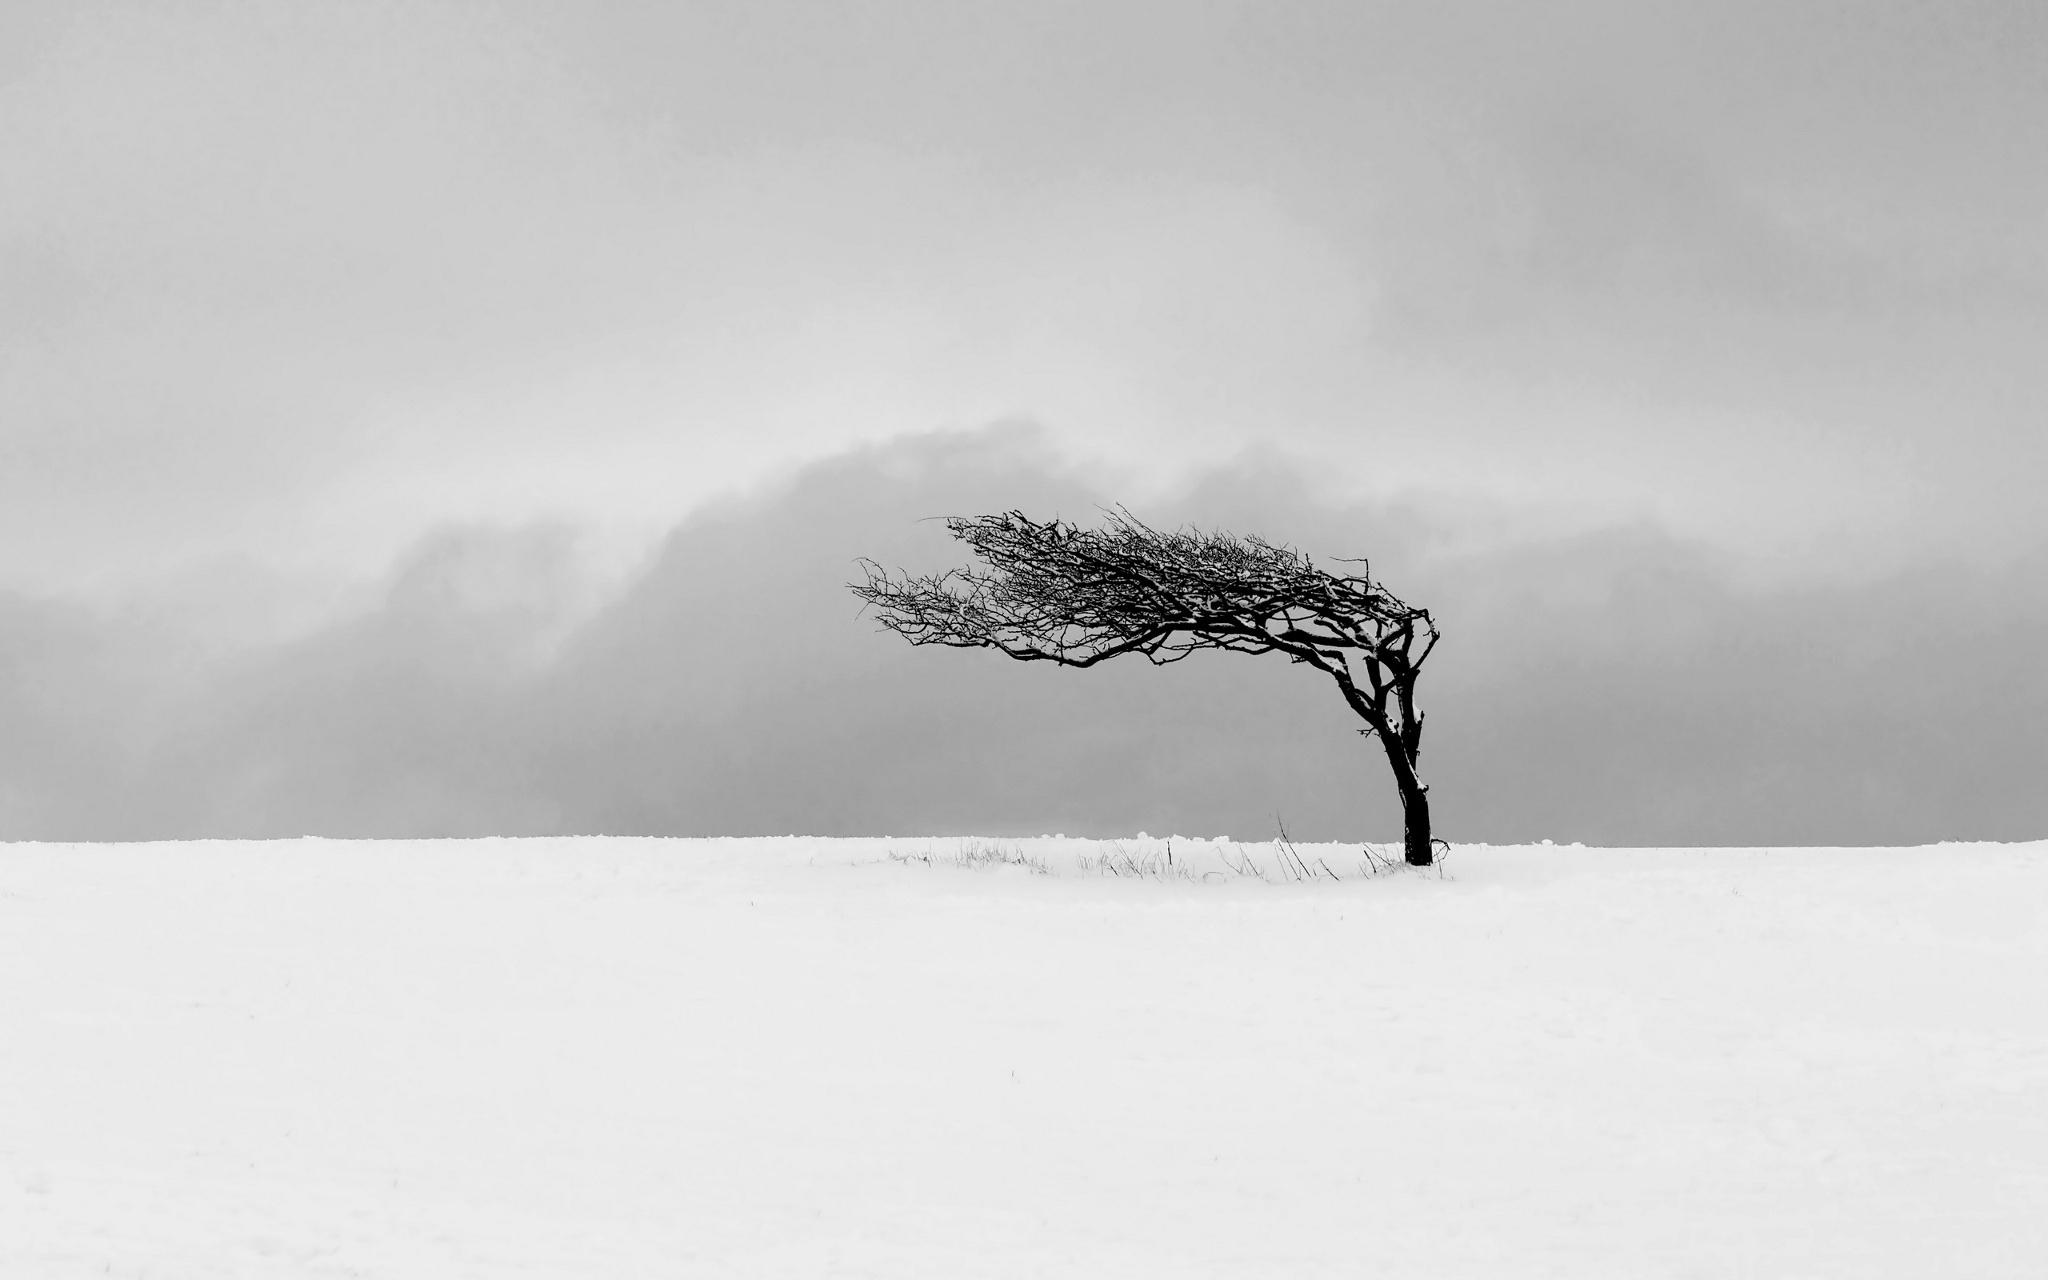 одинокое дерево ветер